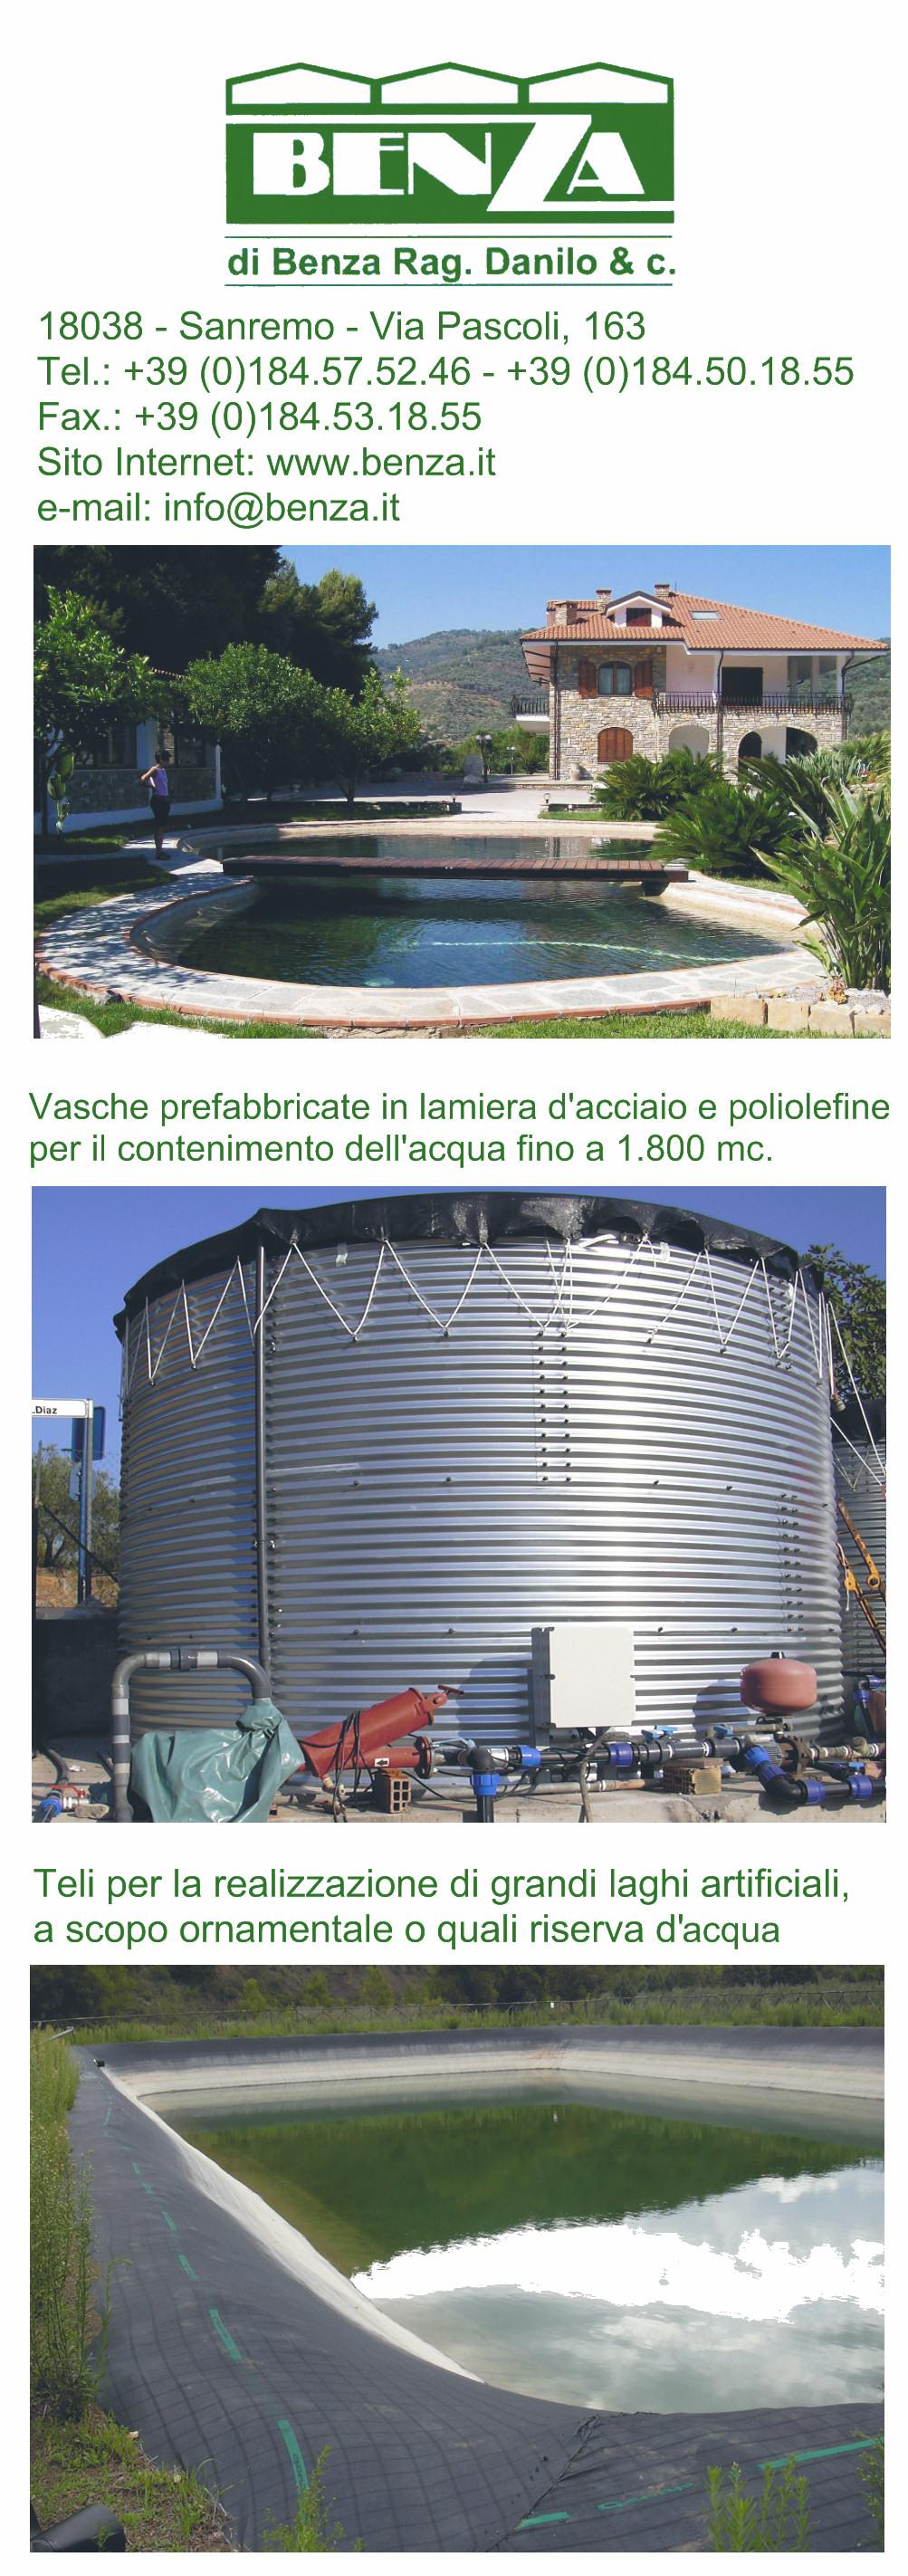 Benza prodotti di qualita 39 certificati for Teli per laghi artificiali